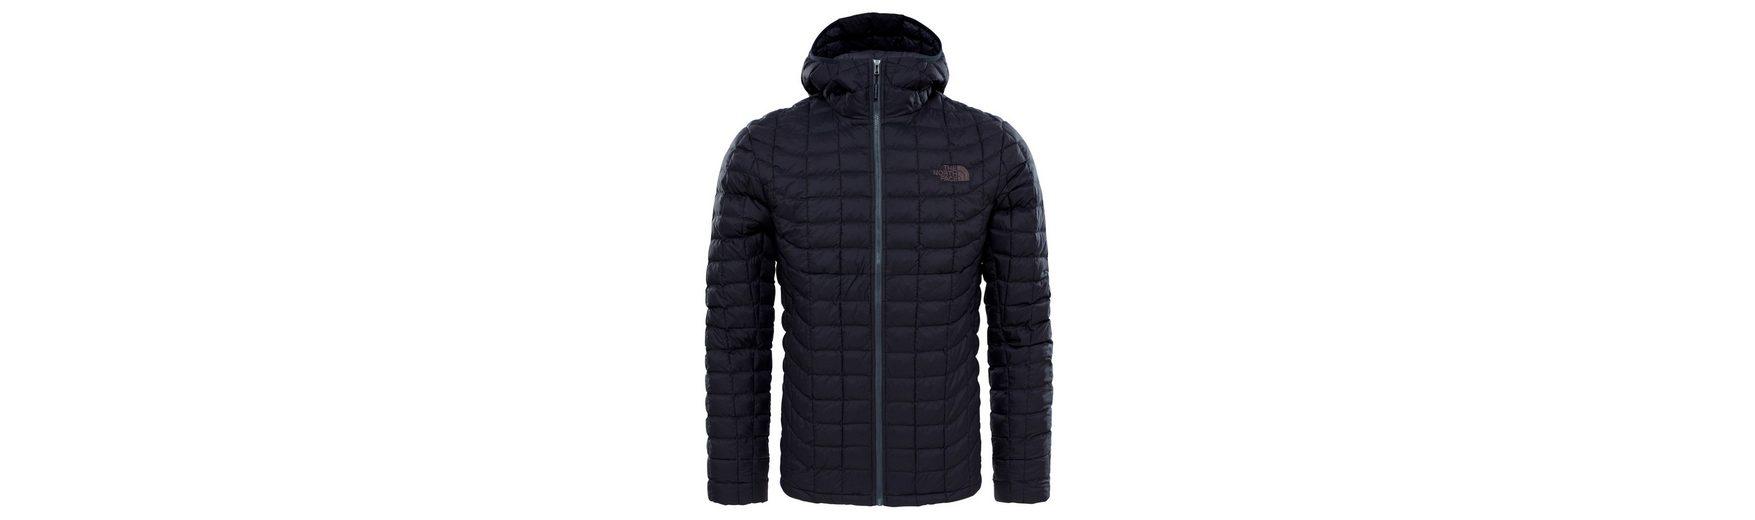 The North Face Outdoorjacke Thermoball Hoodie Jacket Men Rabatt Vorbestellen Spielraum Mit Kreditkarte vgyuSiuss